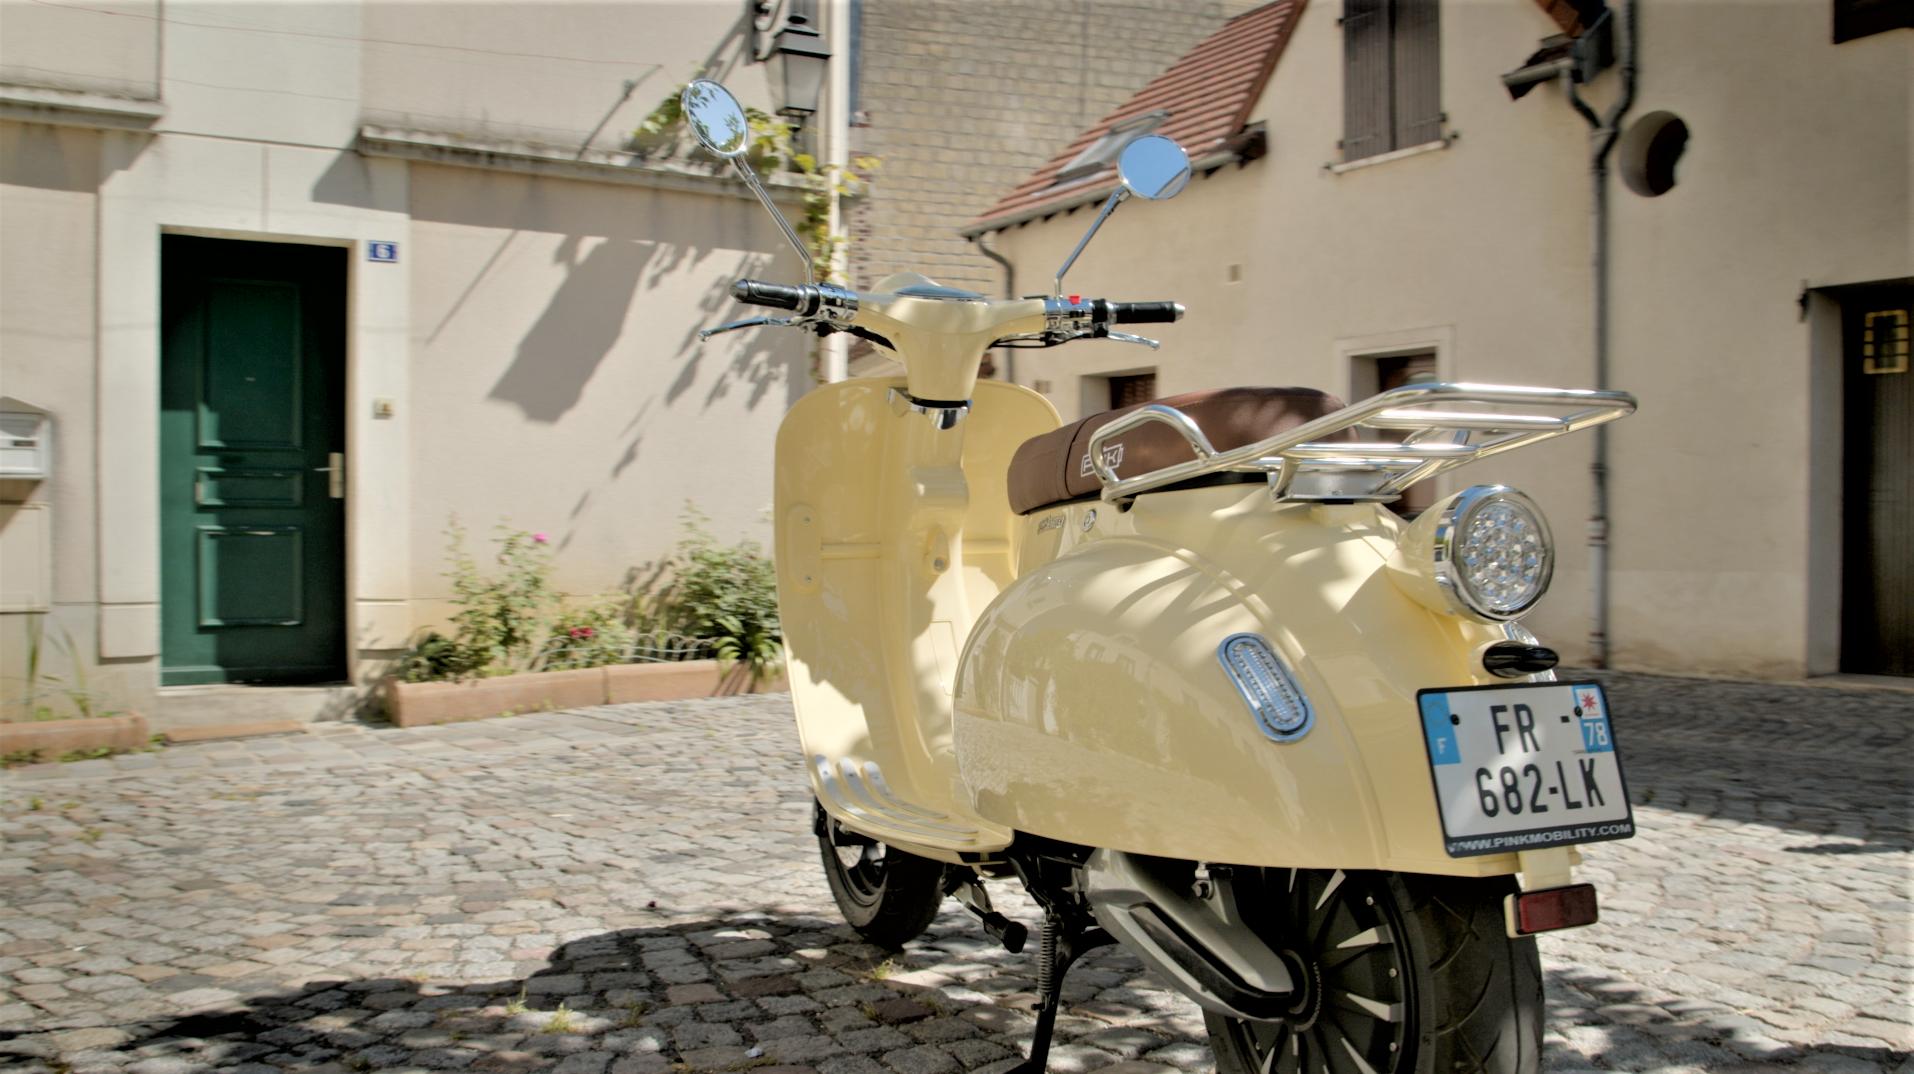 Image à la une – Le Repaire des Motards – Scooter électrique Pink Style Plus UN scooter homologué 125cc